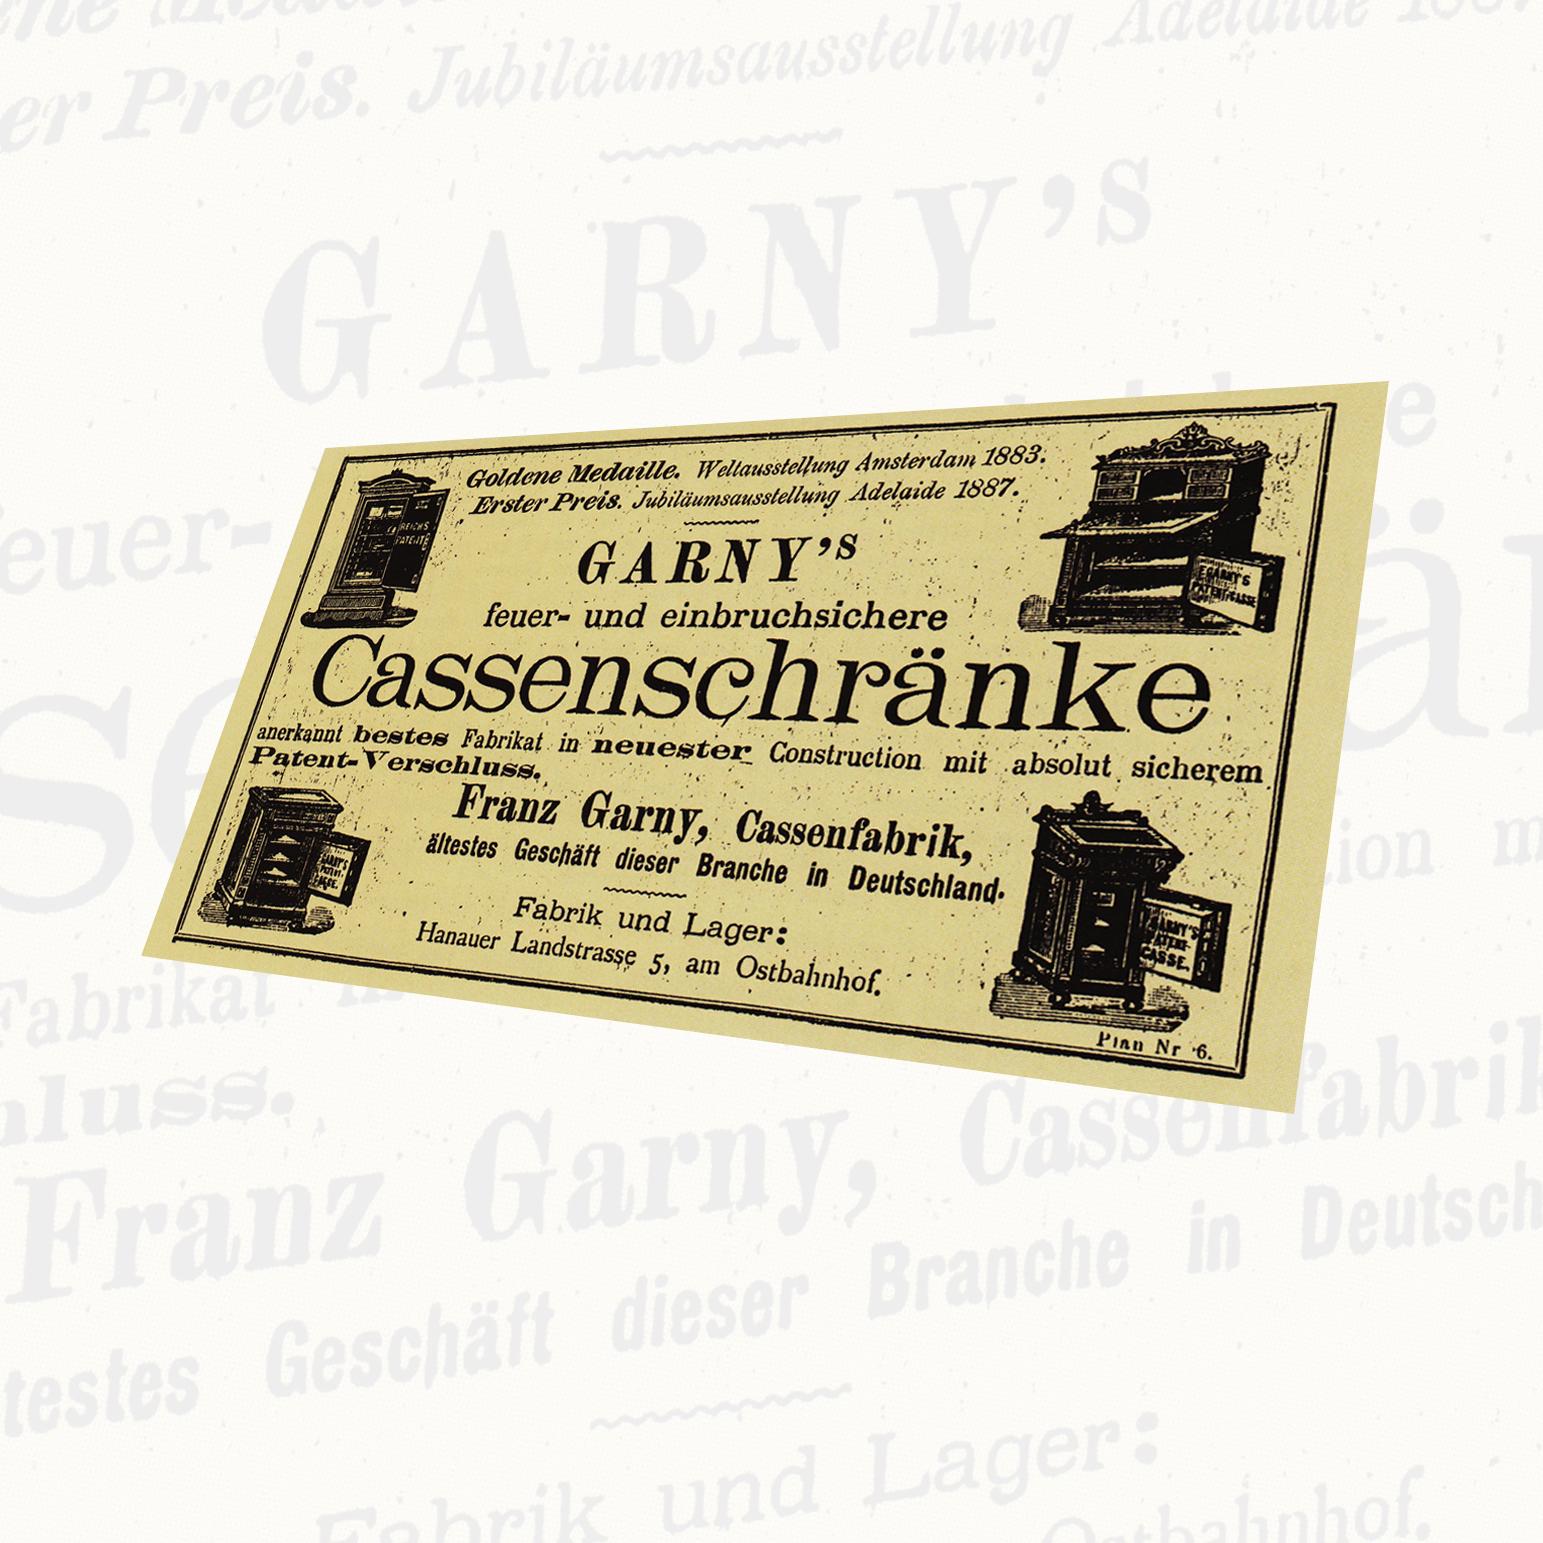 Garny Anzeige um die Jahrhundertwende - Quelle: Ludwig Holtmeier, Truhen Schlösser und Tresore, 1989